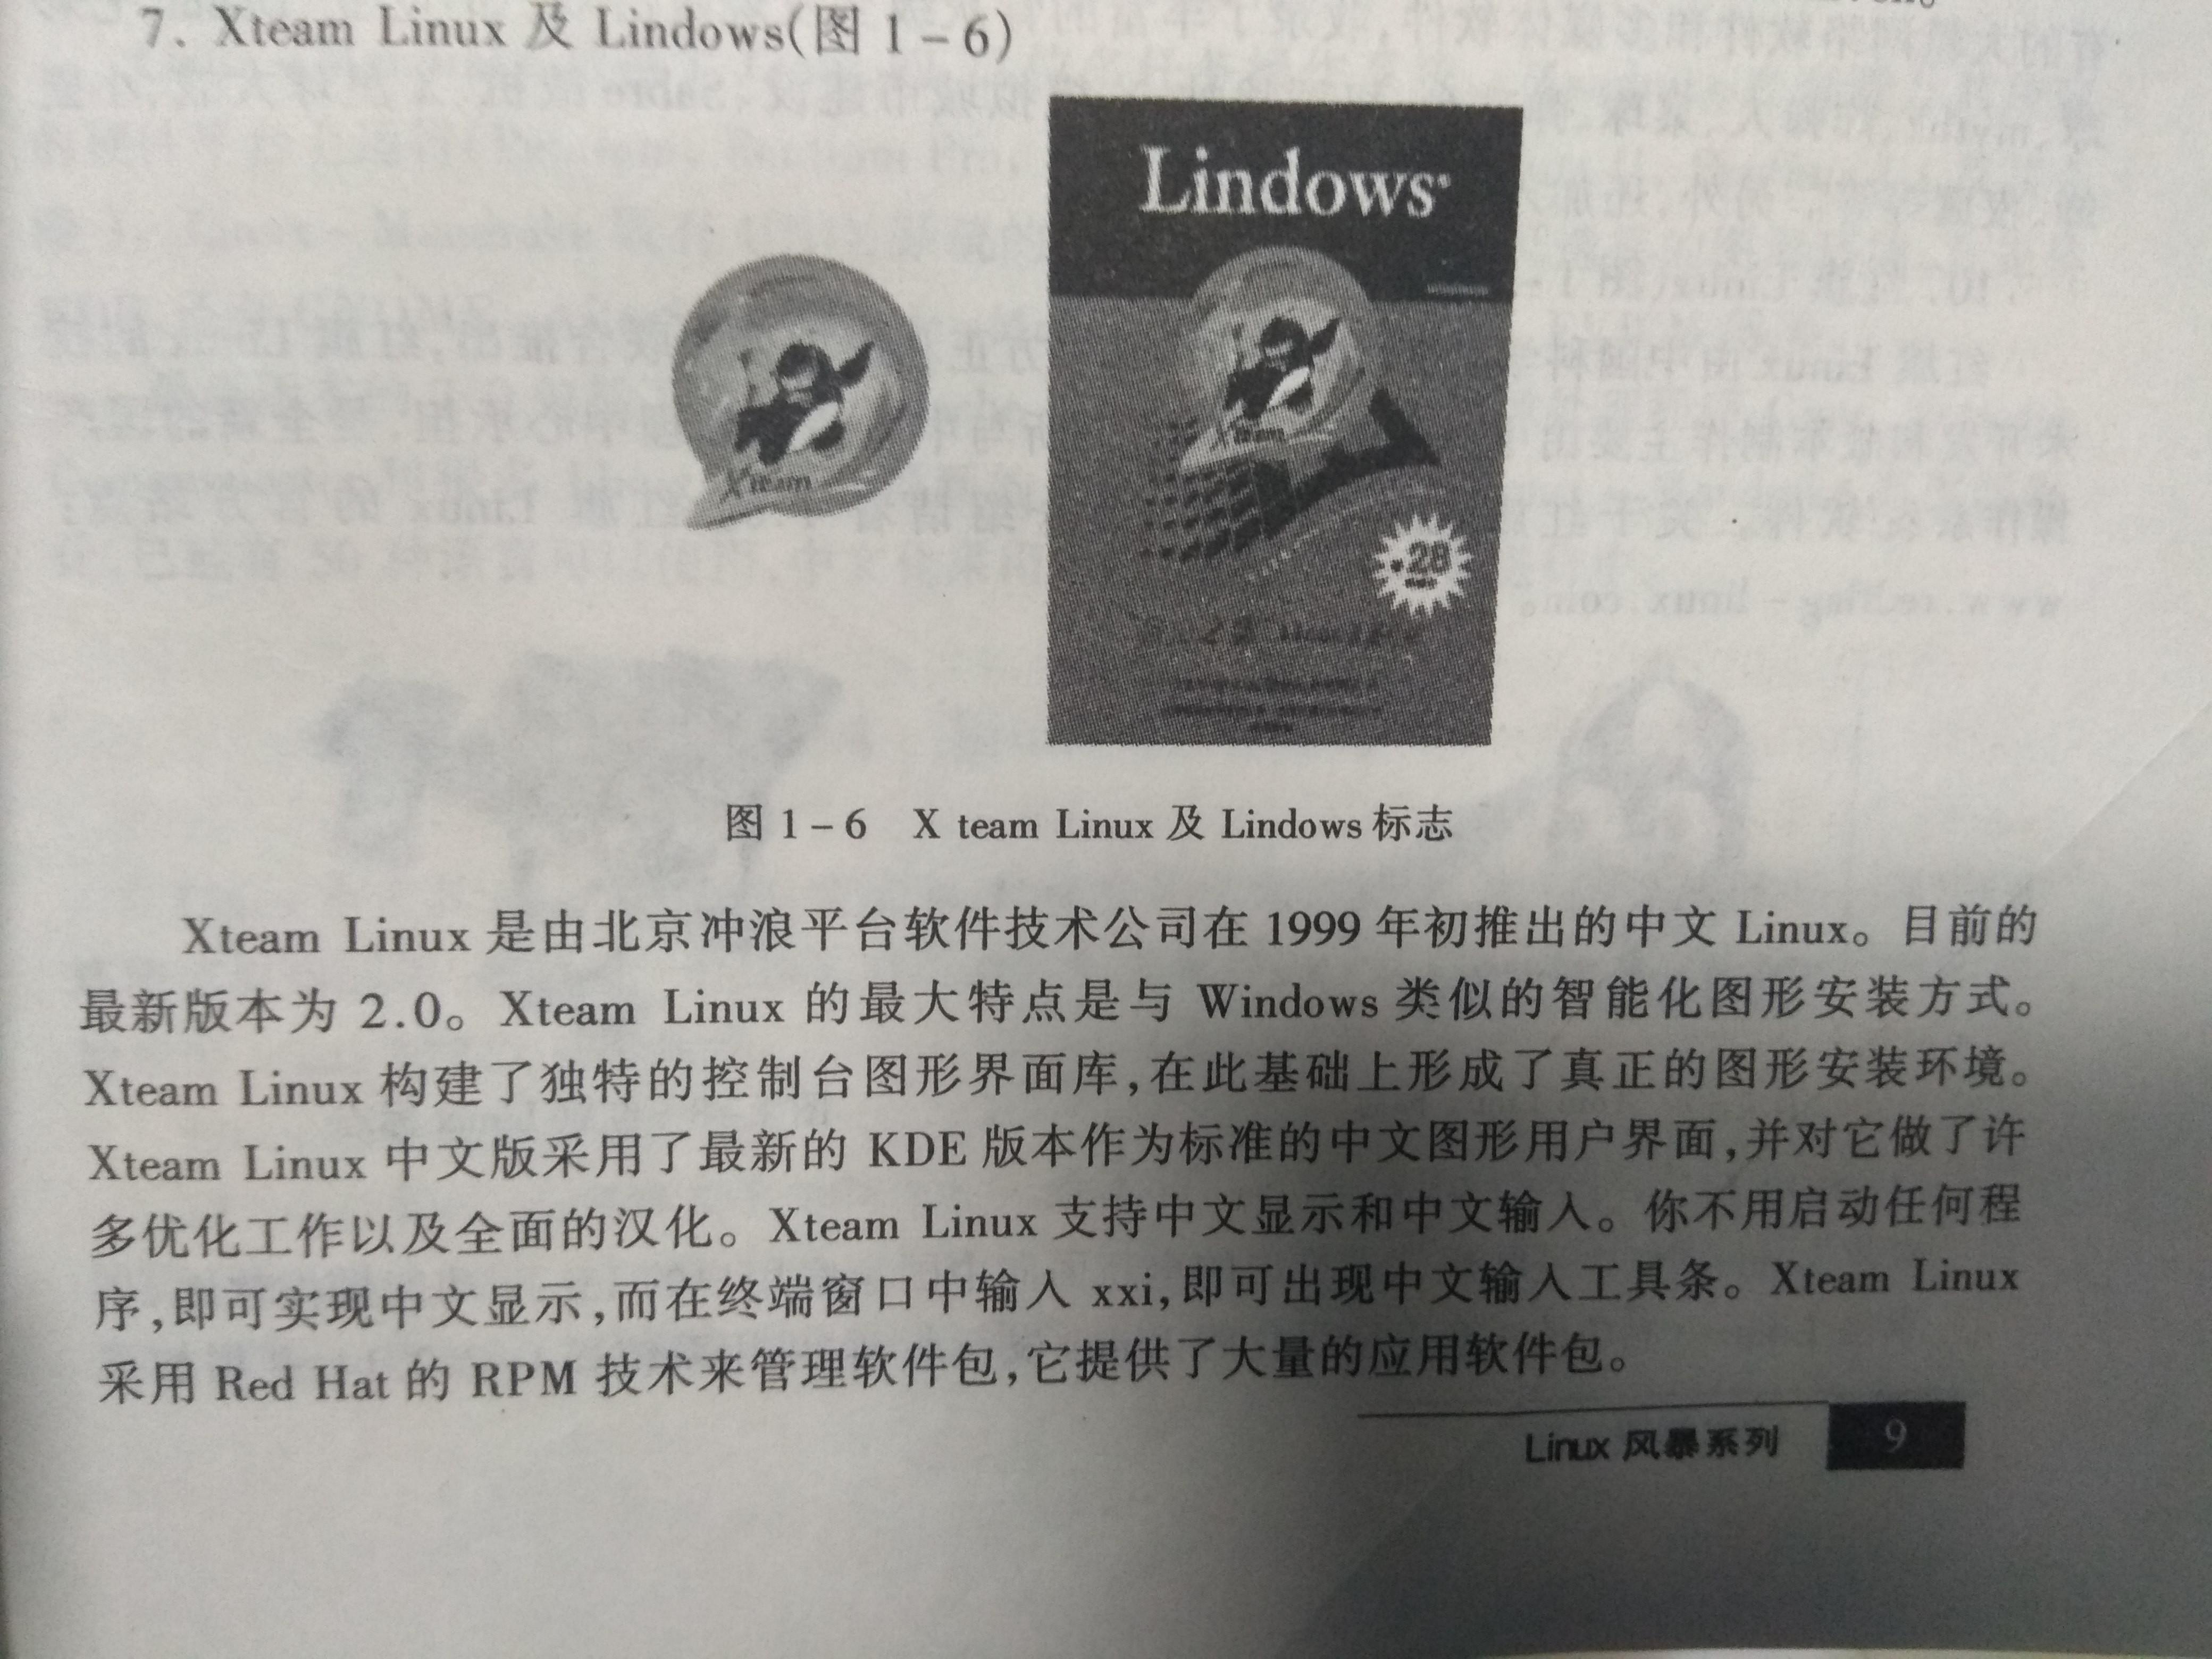 Xteam Linux